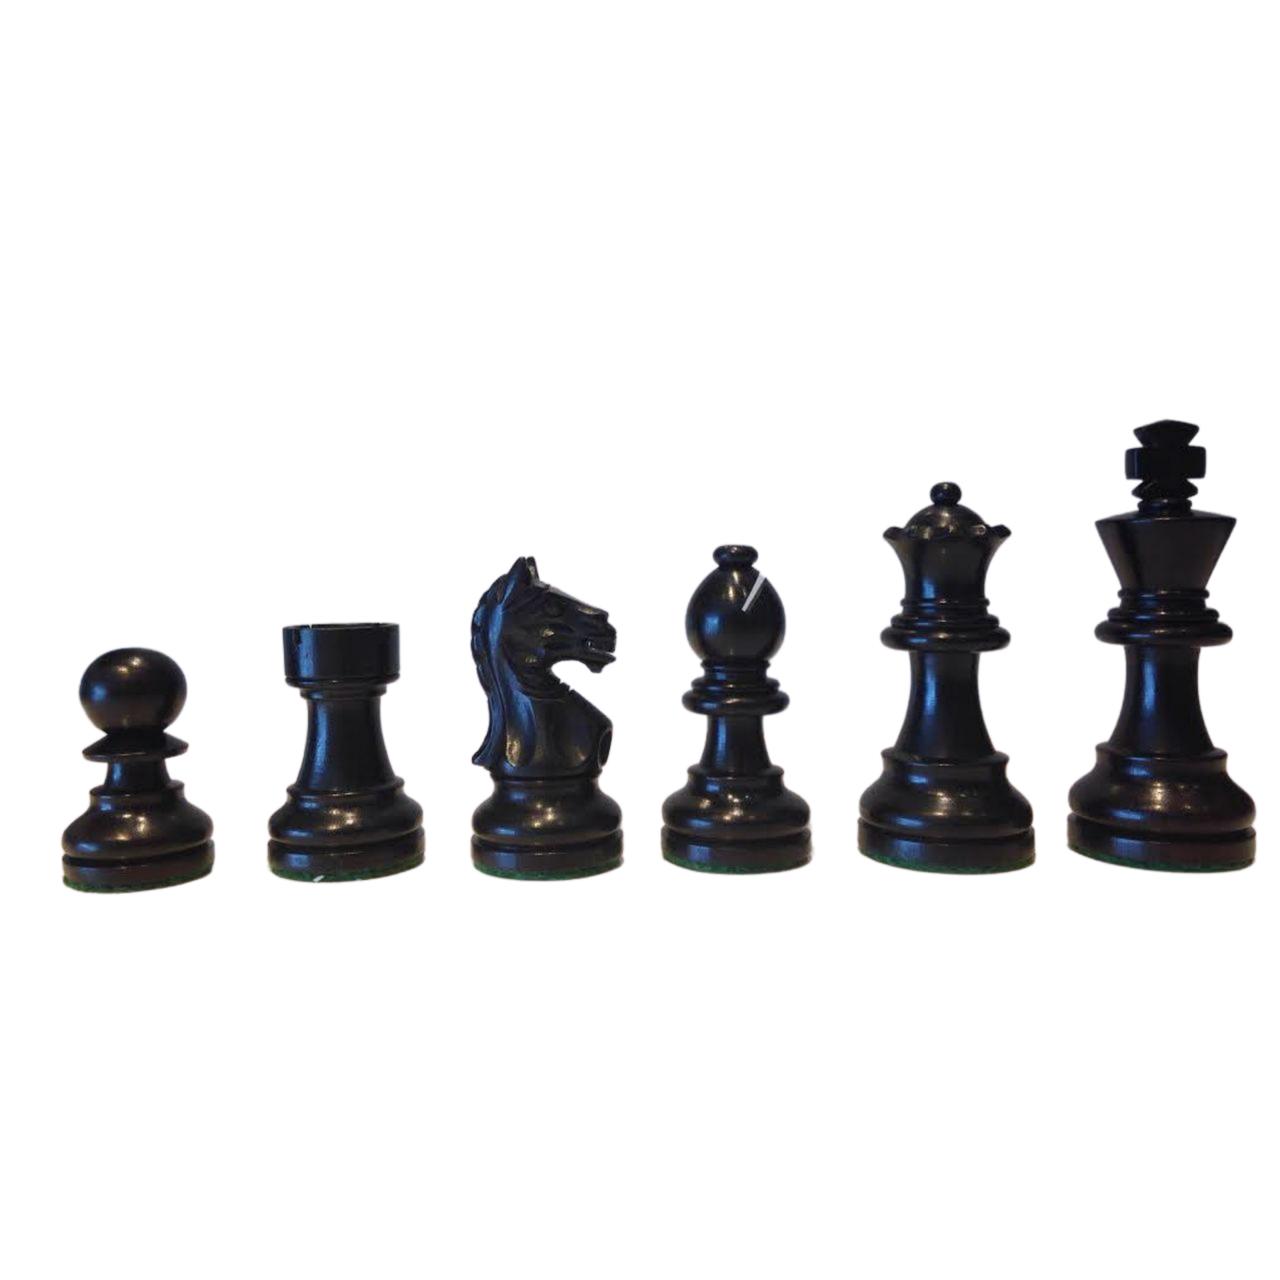 Rex Noir Expert 68mm Ebony / Boxwood Chess Pieces (EXP-E-68) dark